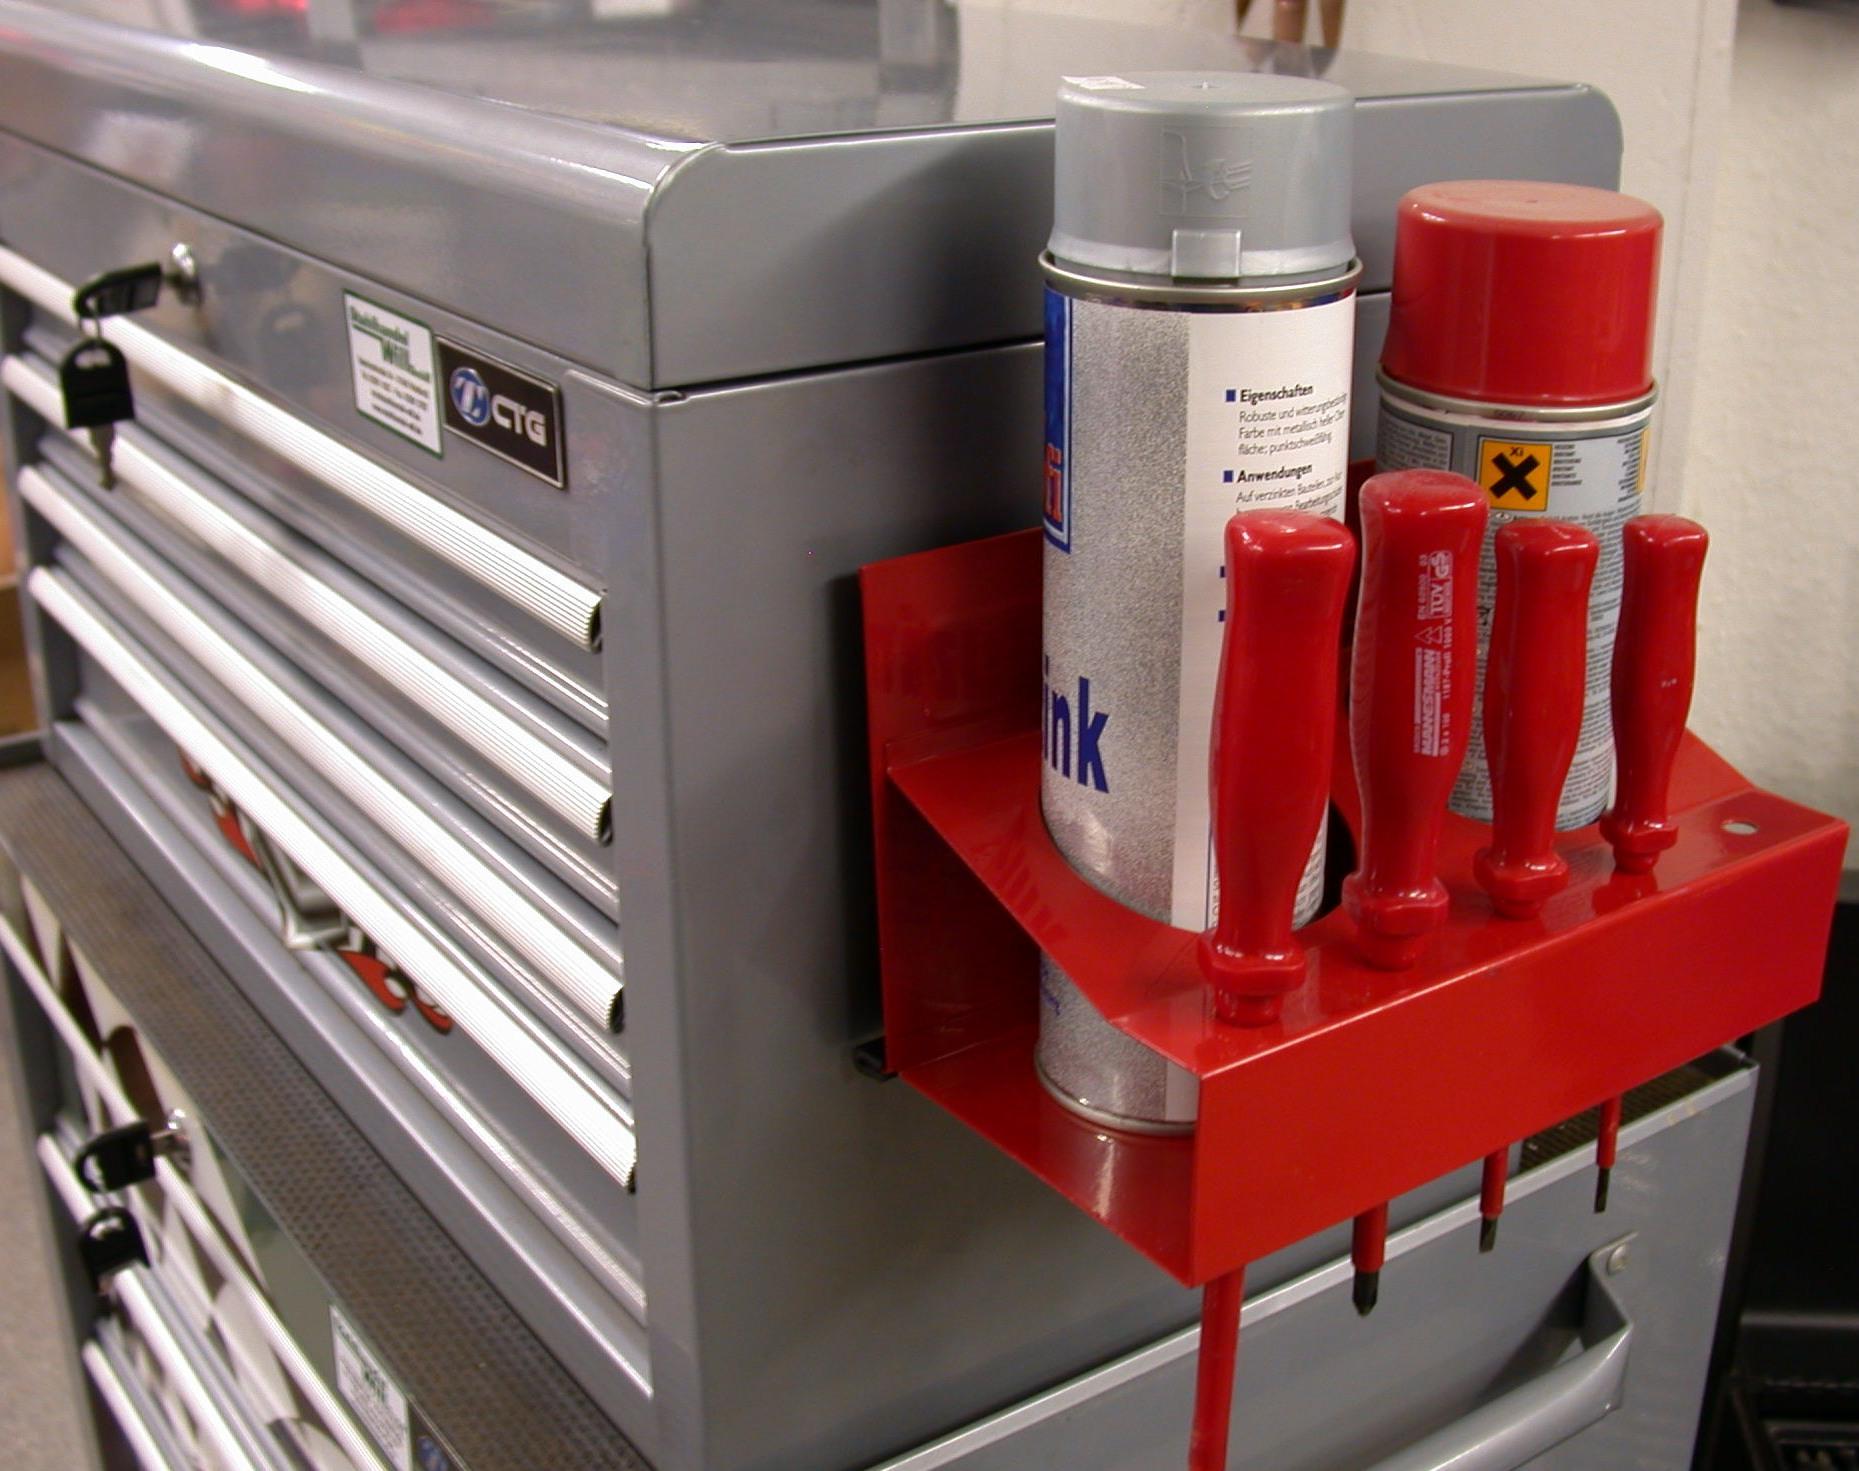 magnet spr hdose dosenhalter werkzeugwagen spraydosen tool werkzeugkiste kaufen bei. Black Bedroom Furniture Sets. Home Design Ideas